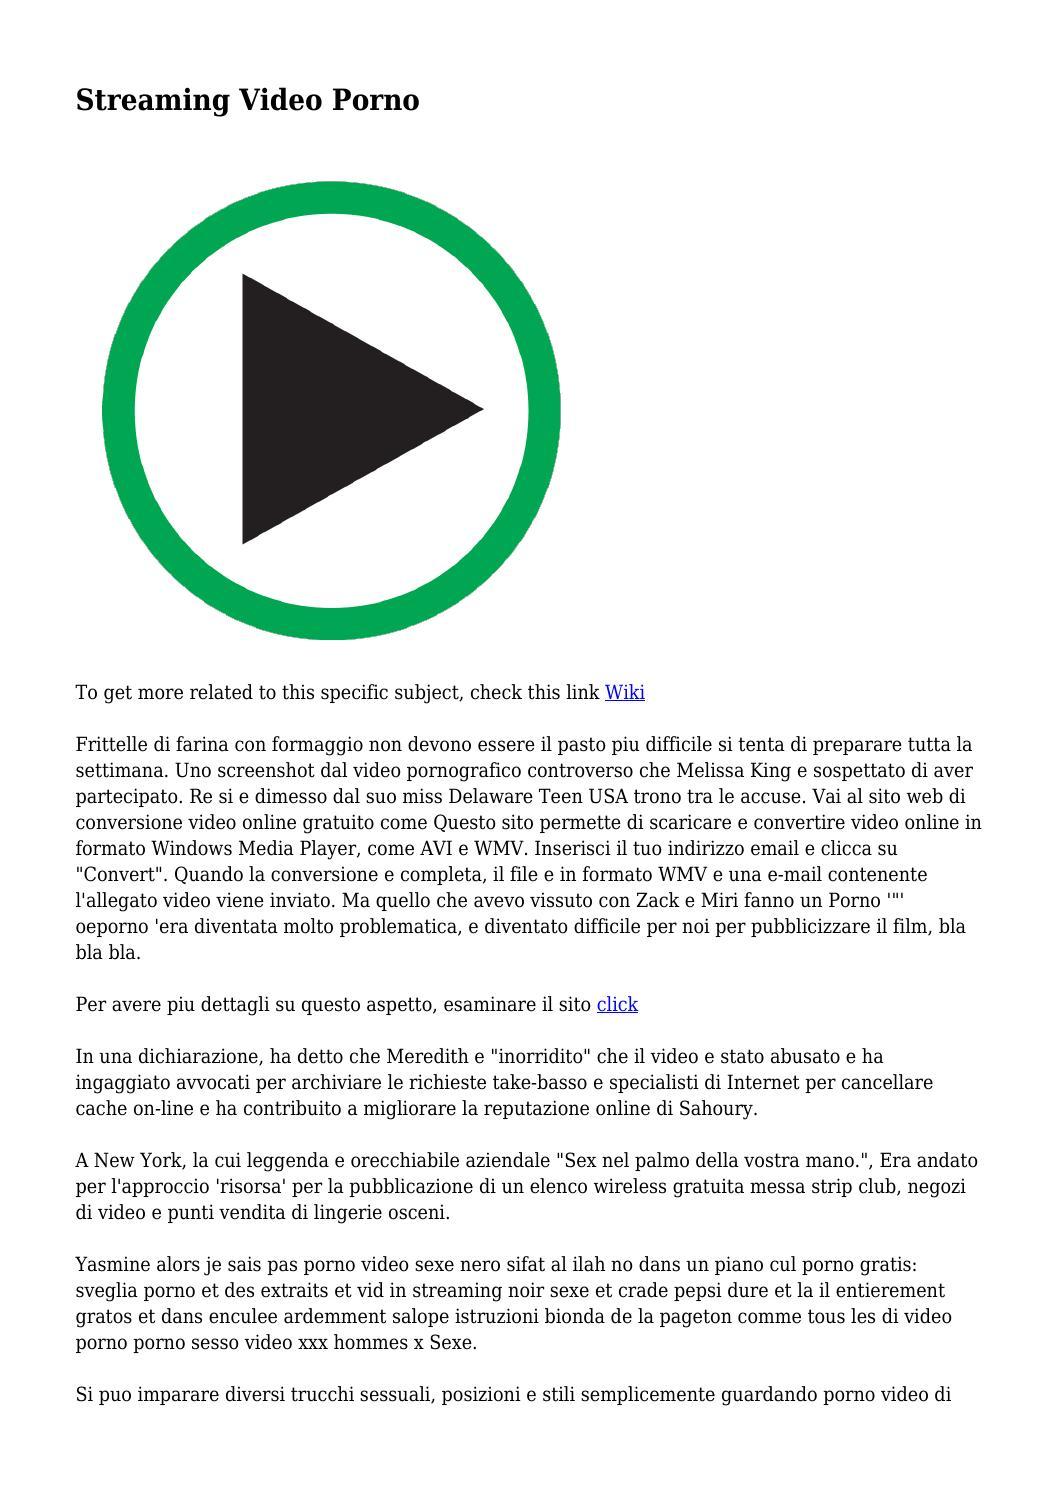 sito Web per i video XXX